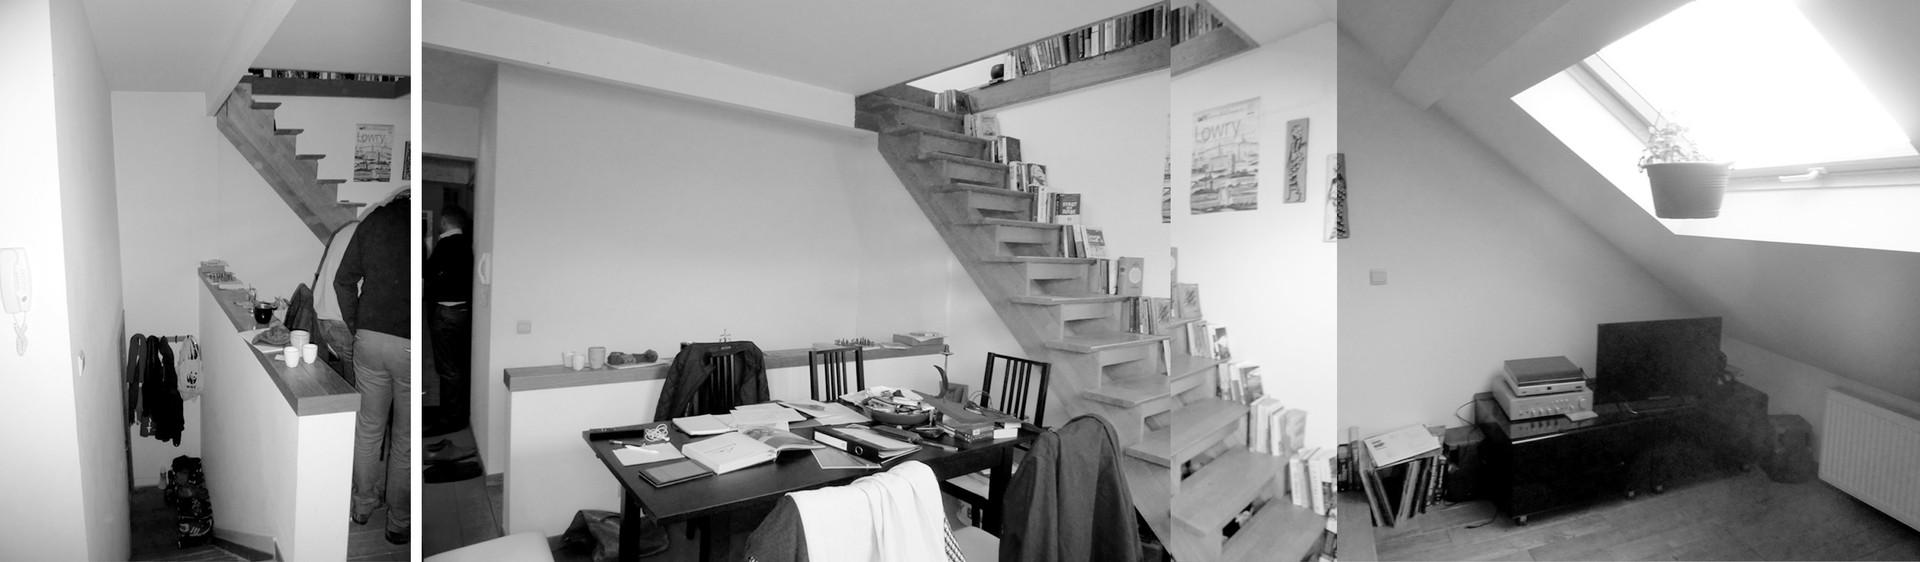 photographie avant | entrée & escaliers